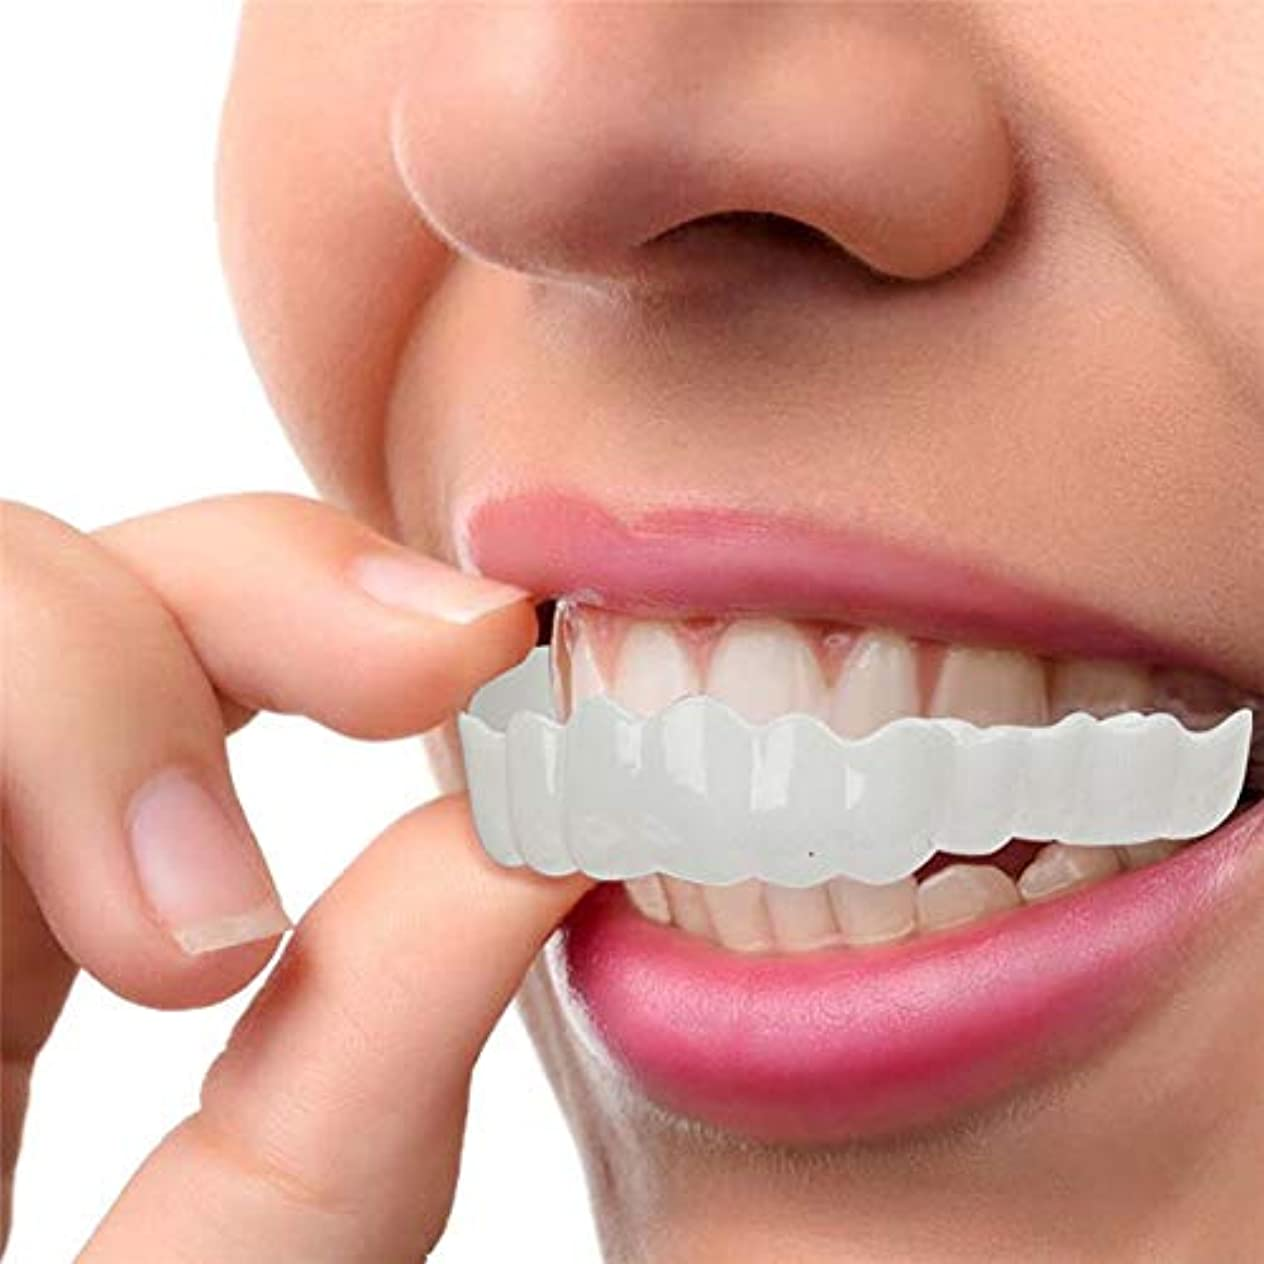 管理しますからに変化するホラー化粧品の歯、白い歯をきれいにするための快適なフィットフレックス歯ソケット、超快適、快適なフィット感、5セット